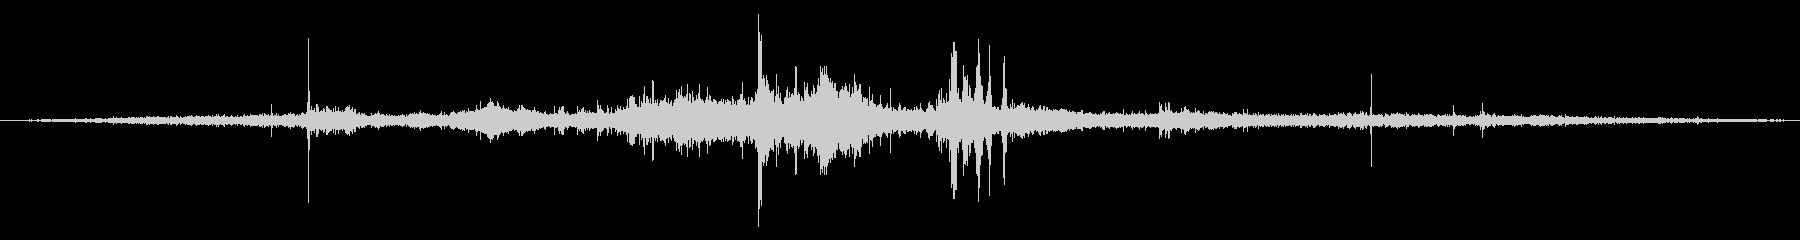 SKI MOGULS:PASS B...の未再生の波形